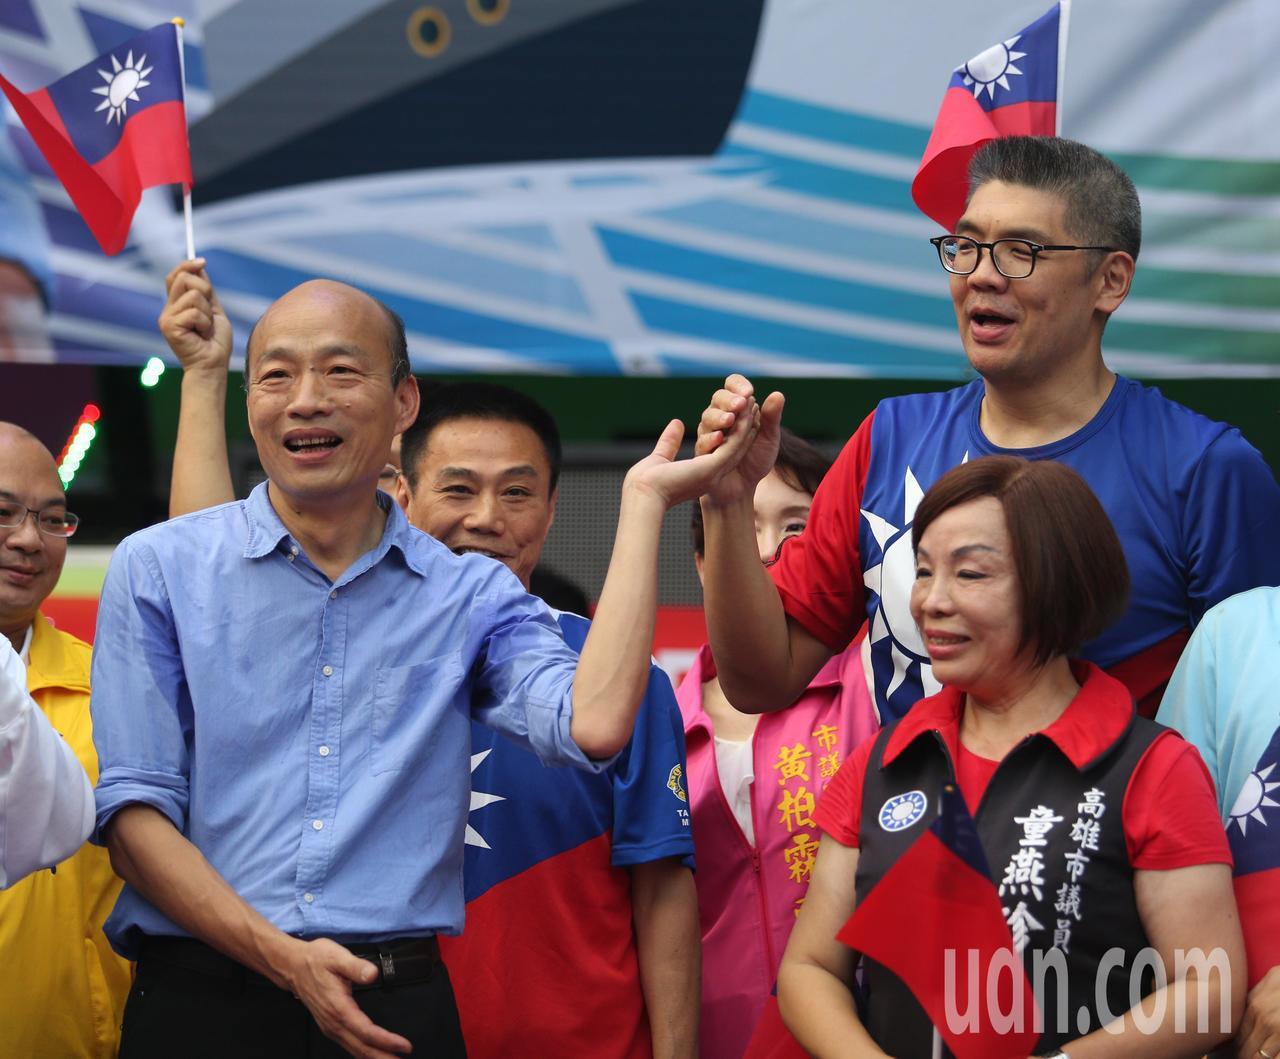 國民黨高雄市長參選人韓國瑜(左)舉辦三民之友會成立活動,連勝文(右)也從台北趕來...